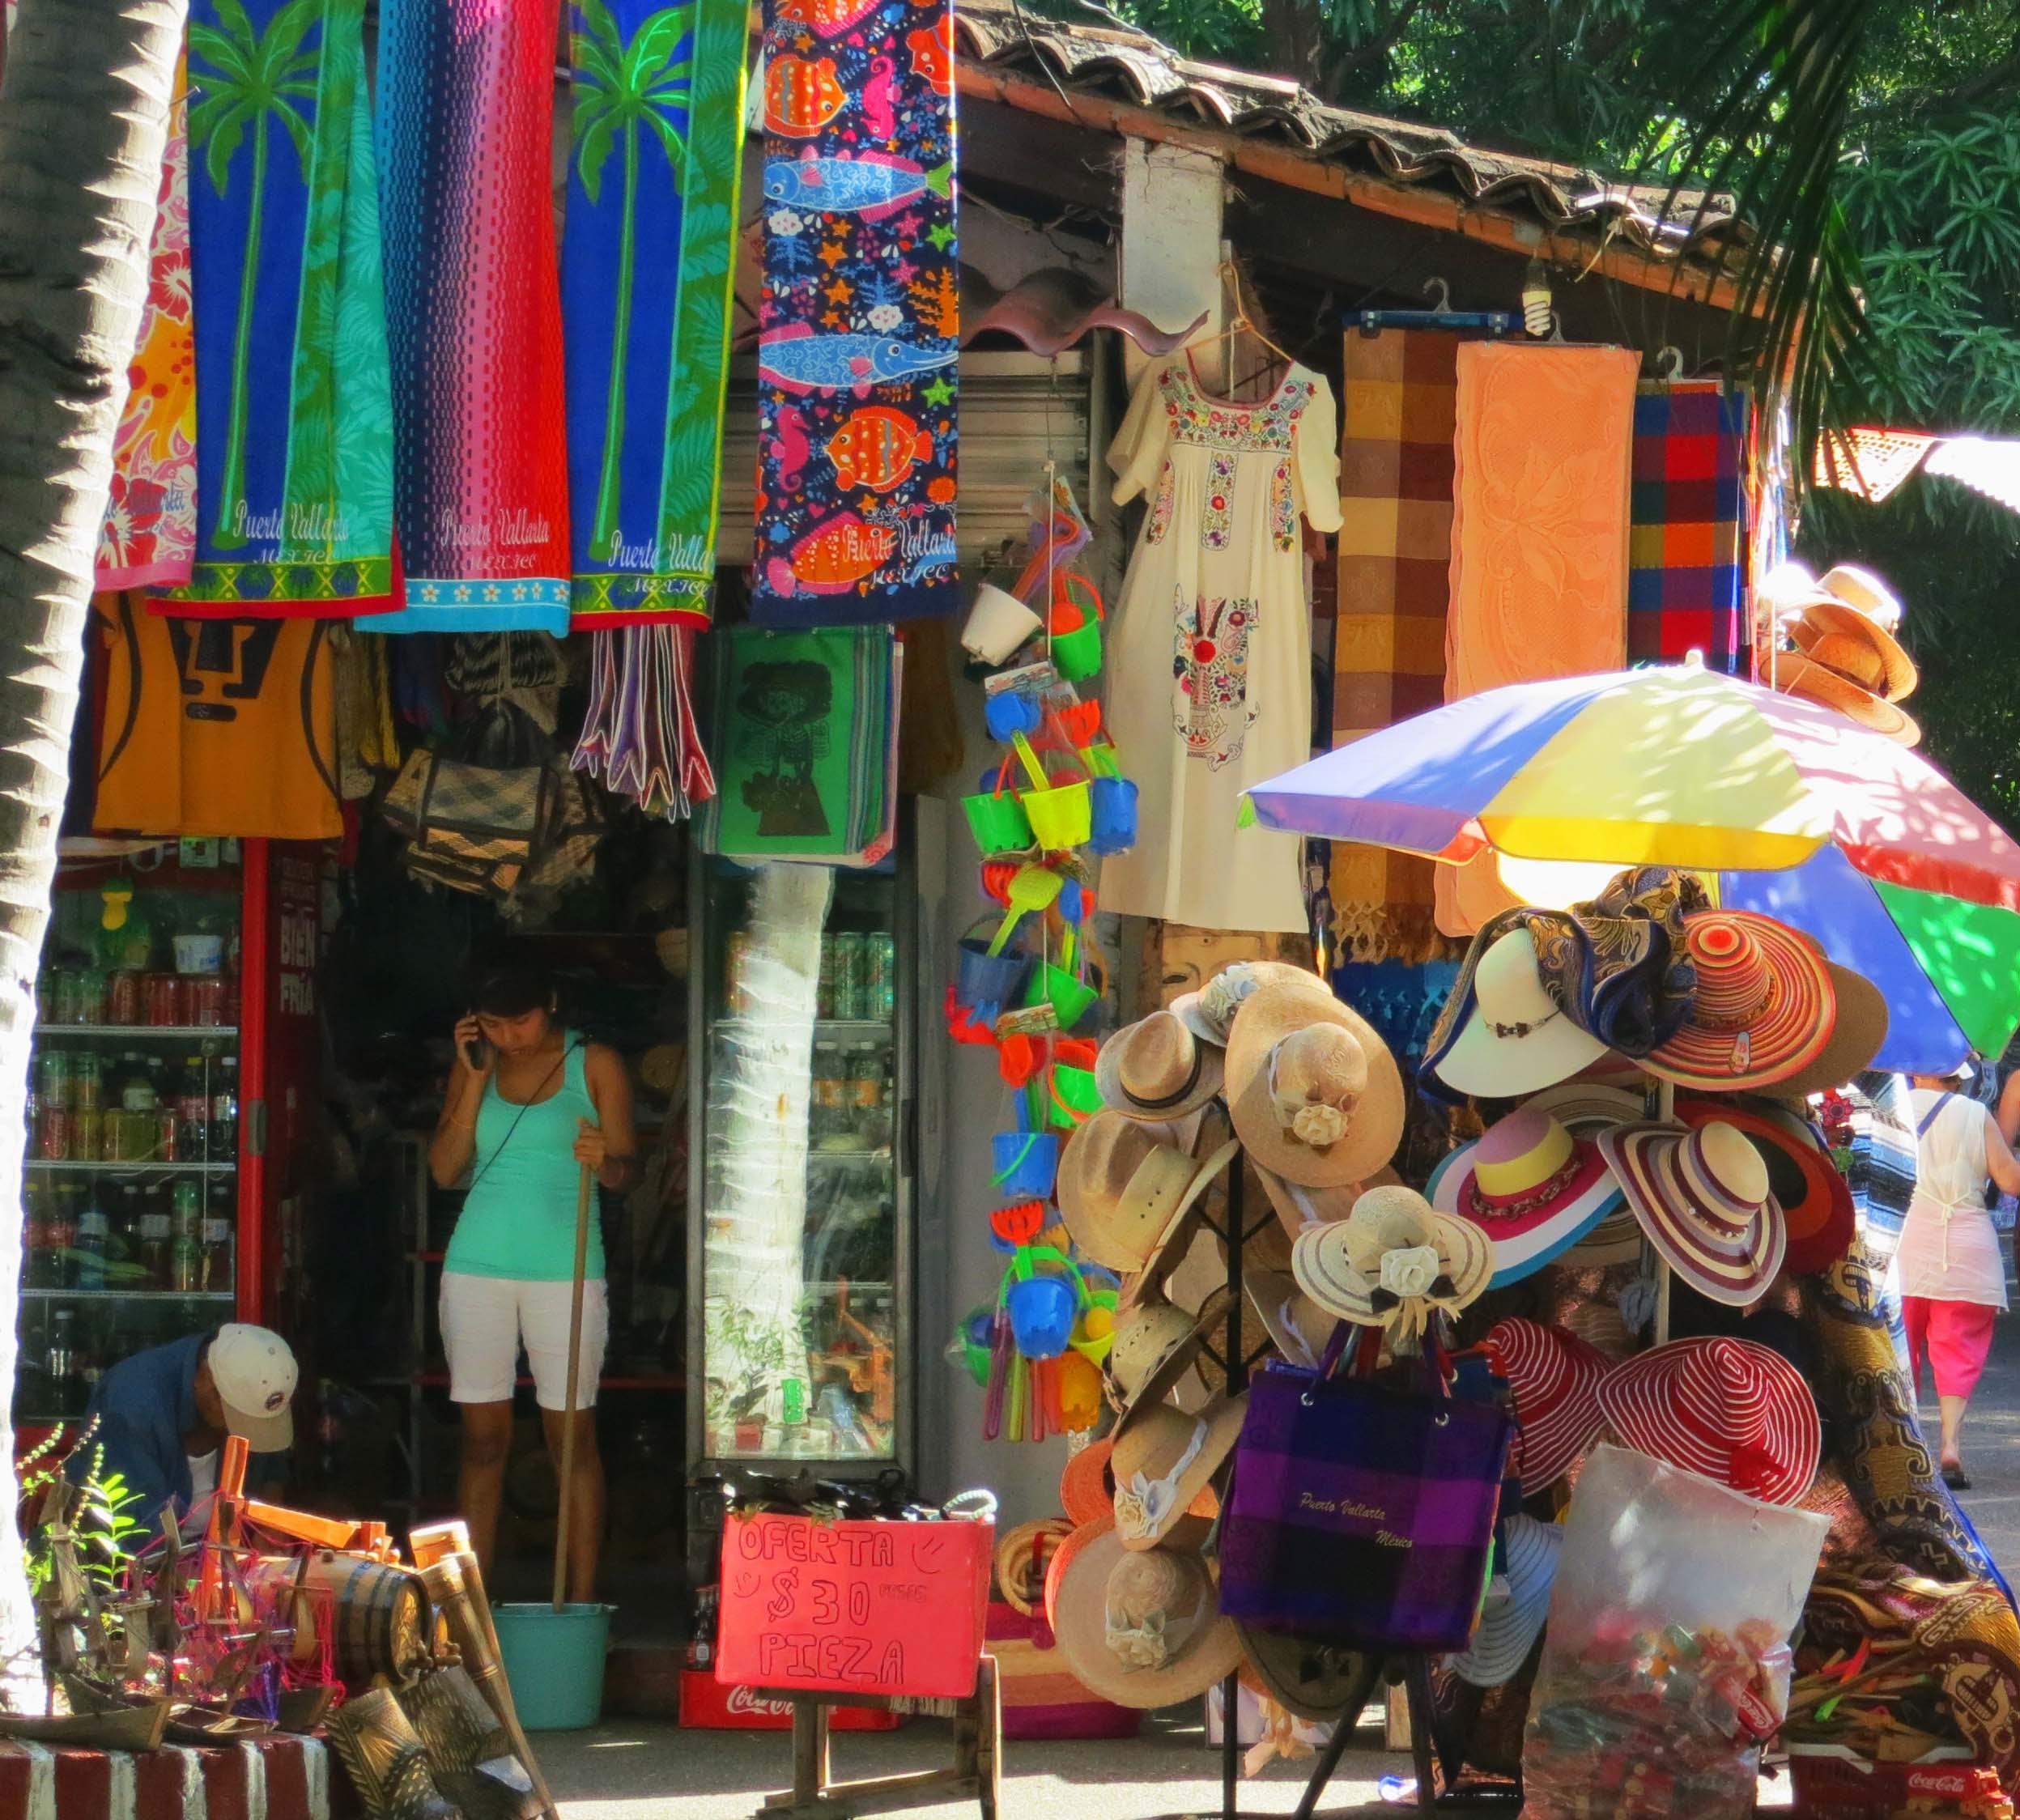 Tourist shop in Puerto Vallarta. Photo by Curtis Mekemson.